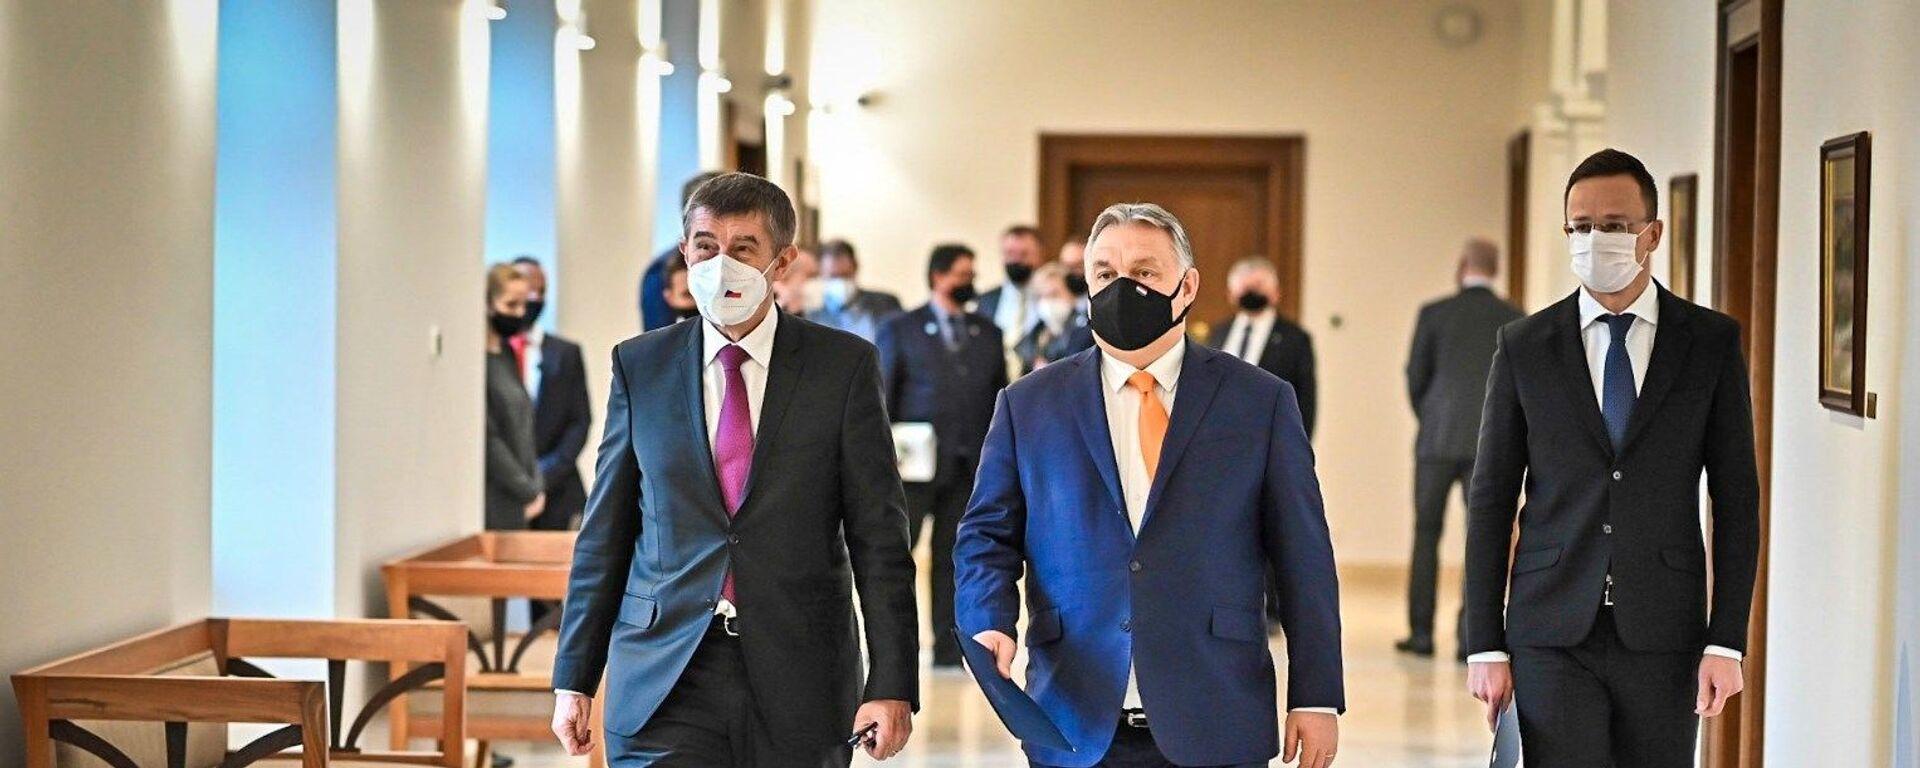 Andrej Babiš a Viktor Orbán v Budapešti - Sputnik Česká republika, 1920, 06.09.2021